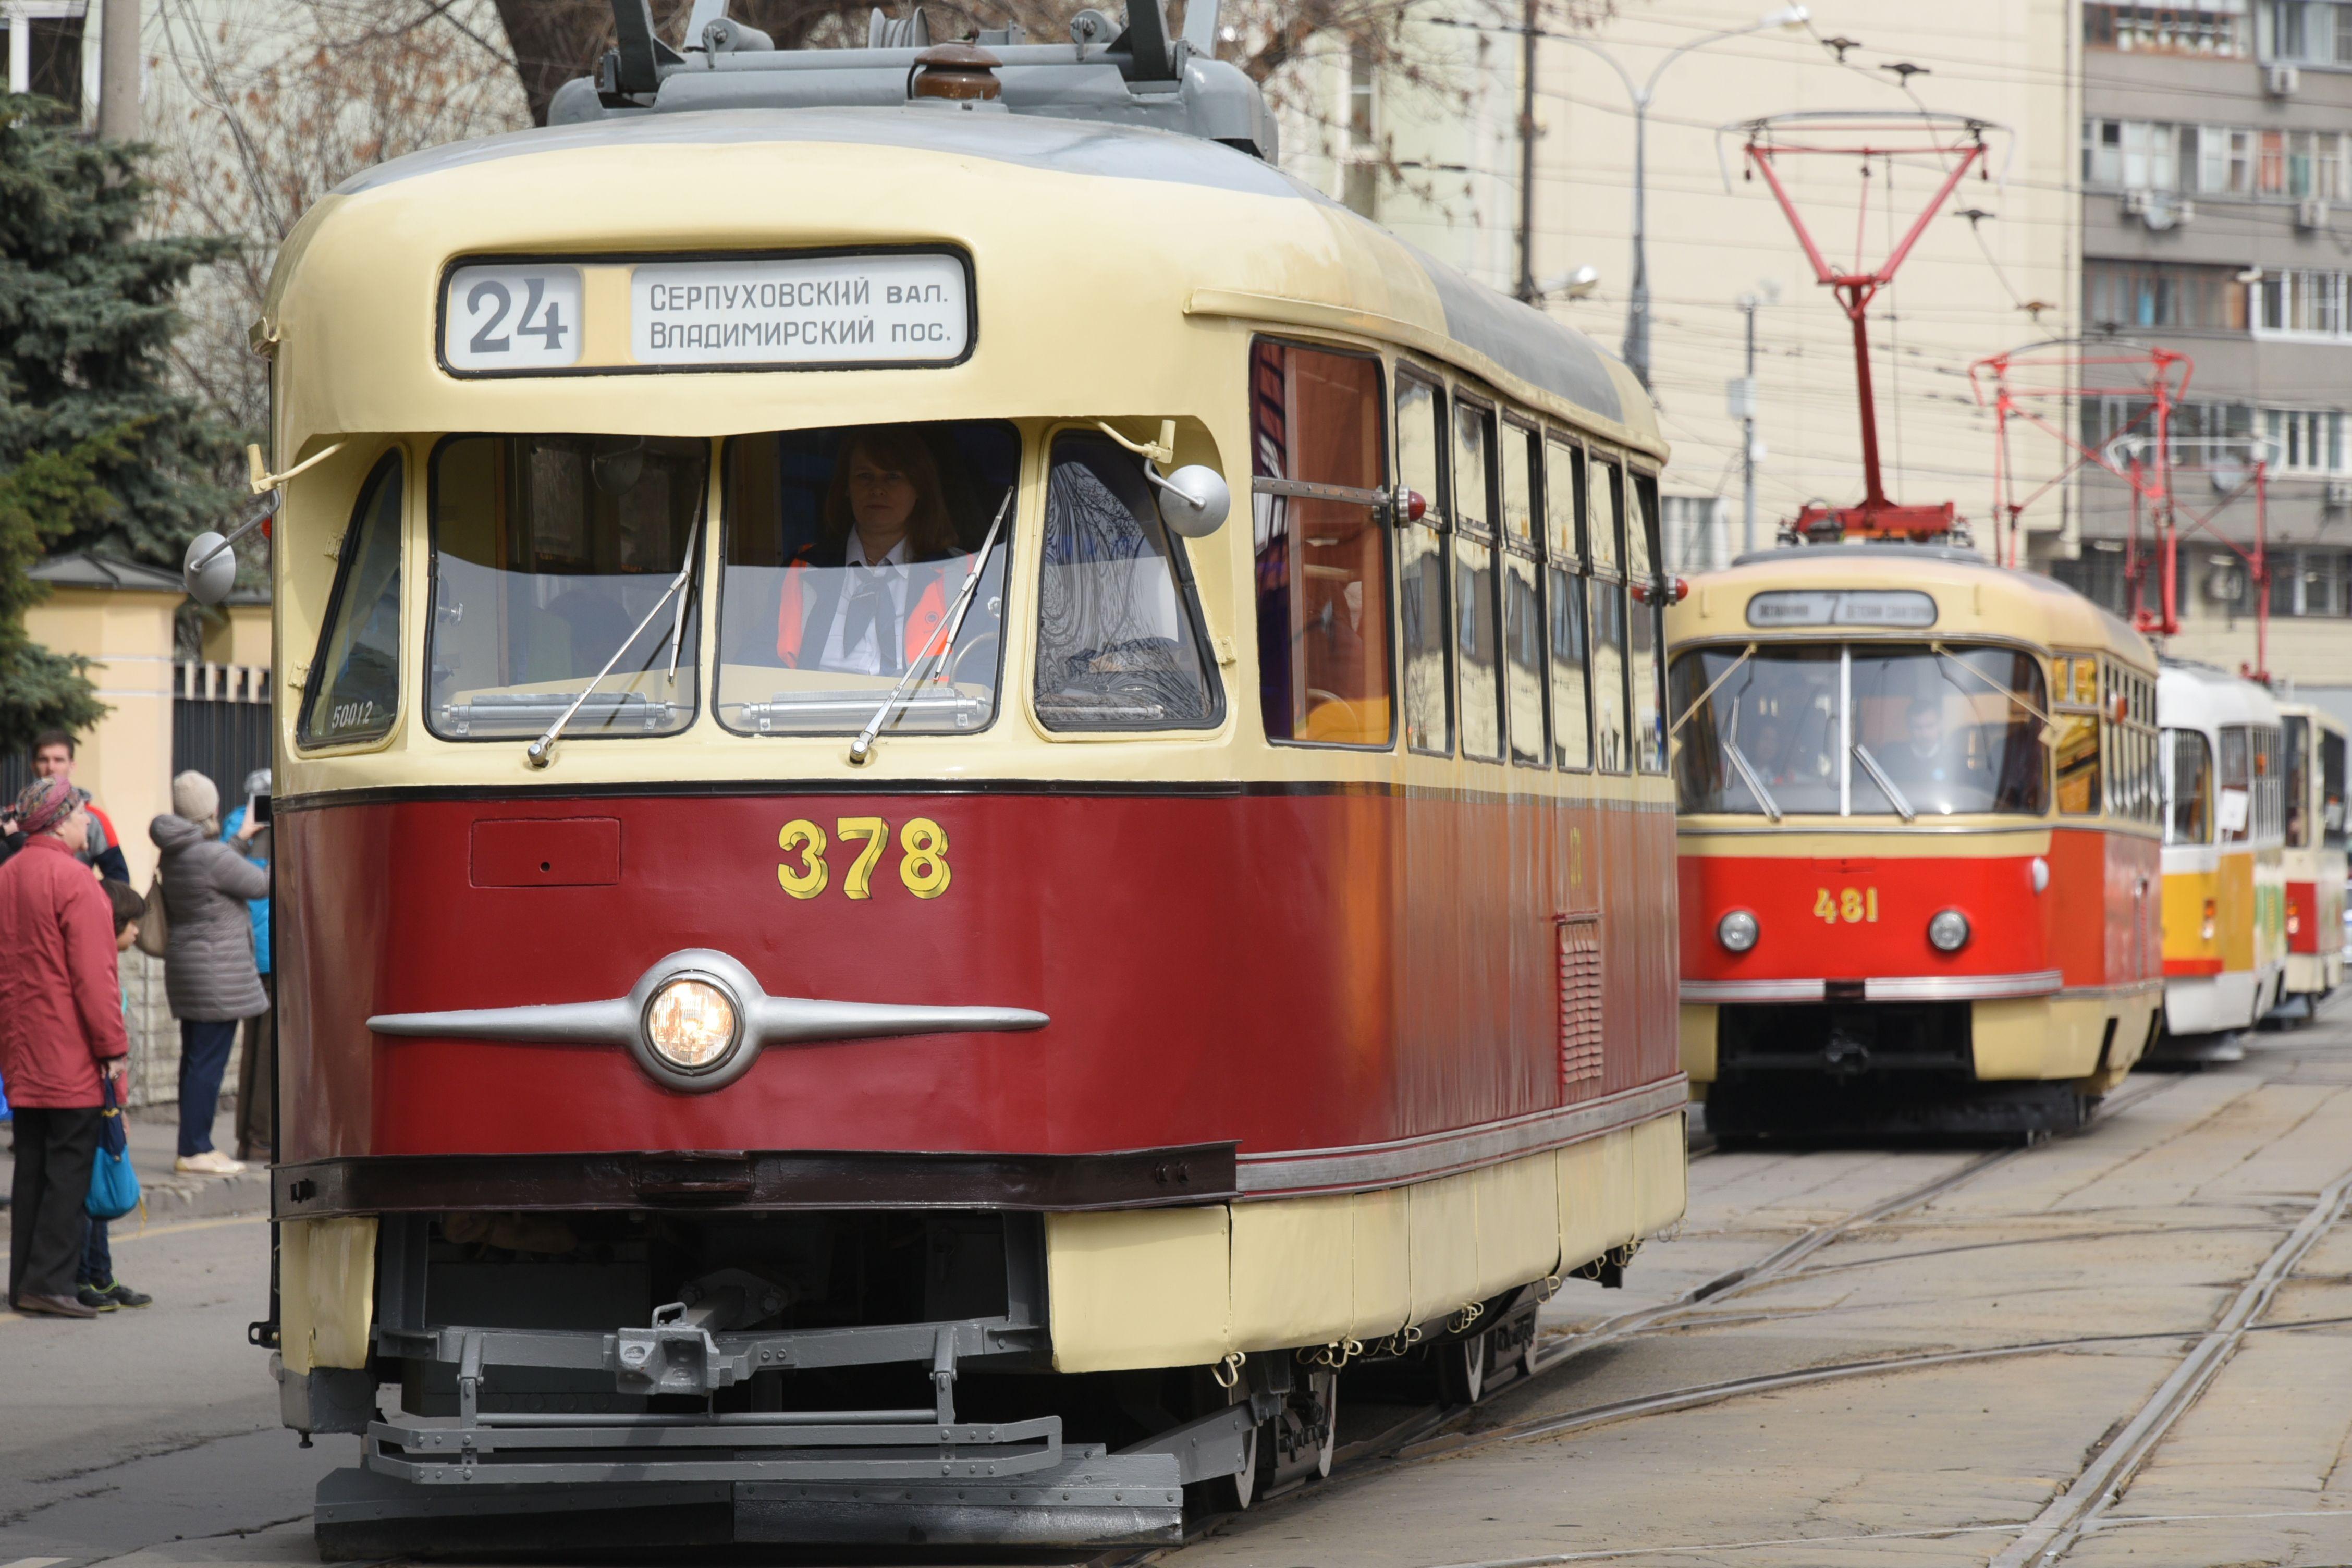 Парад трамваев - одно из самых узнаваемых ретро-событий в городе. Фото: Владимир Новиков